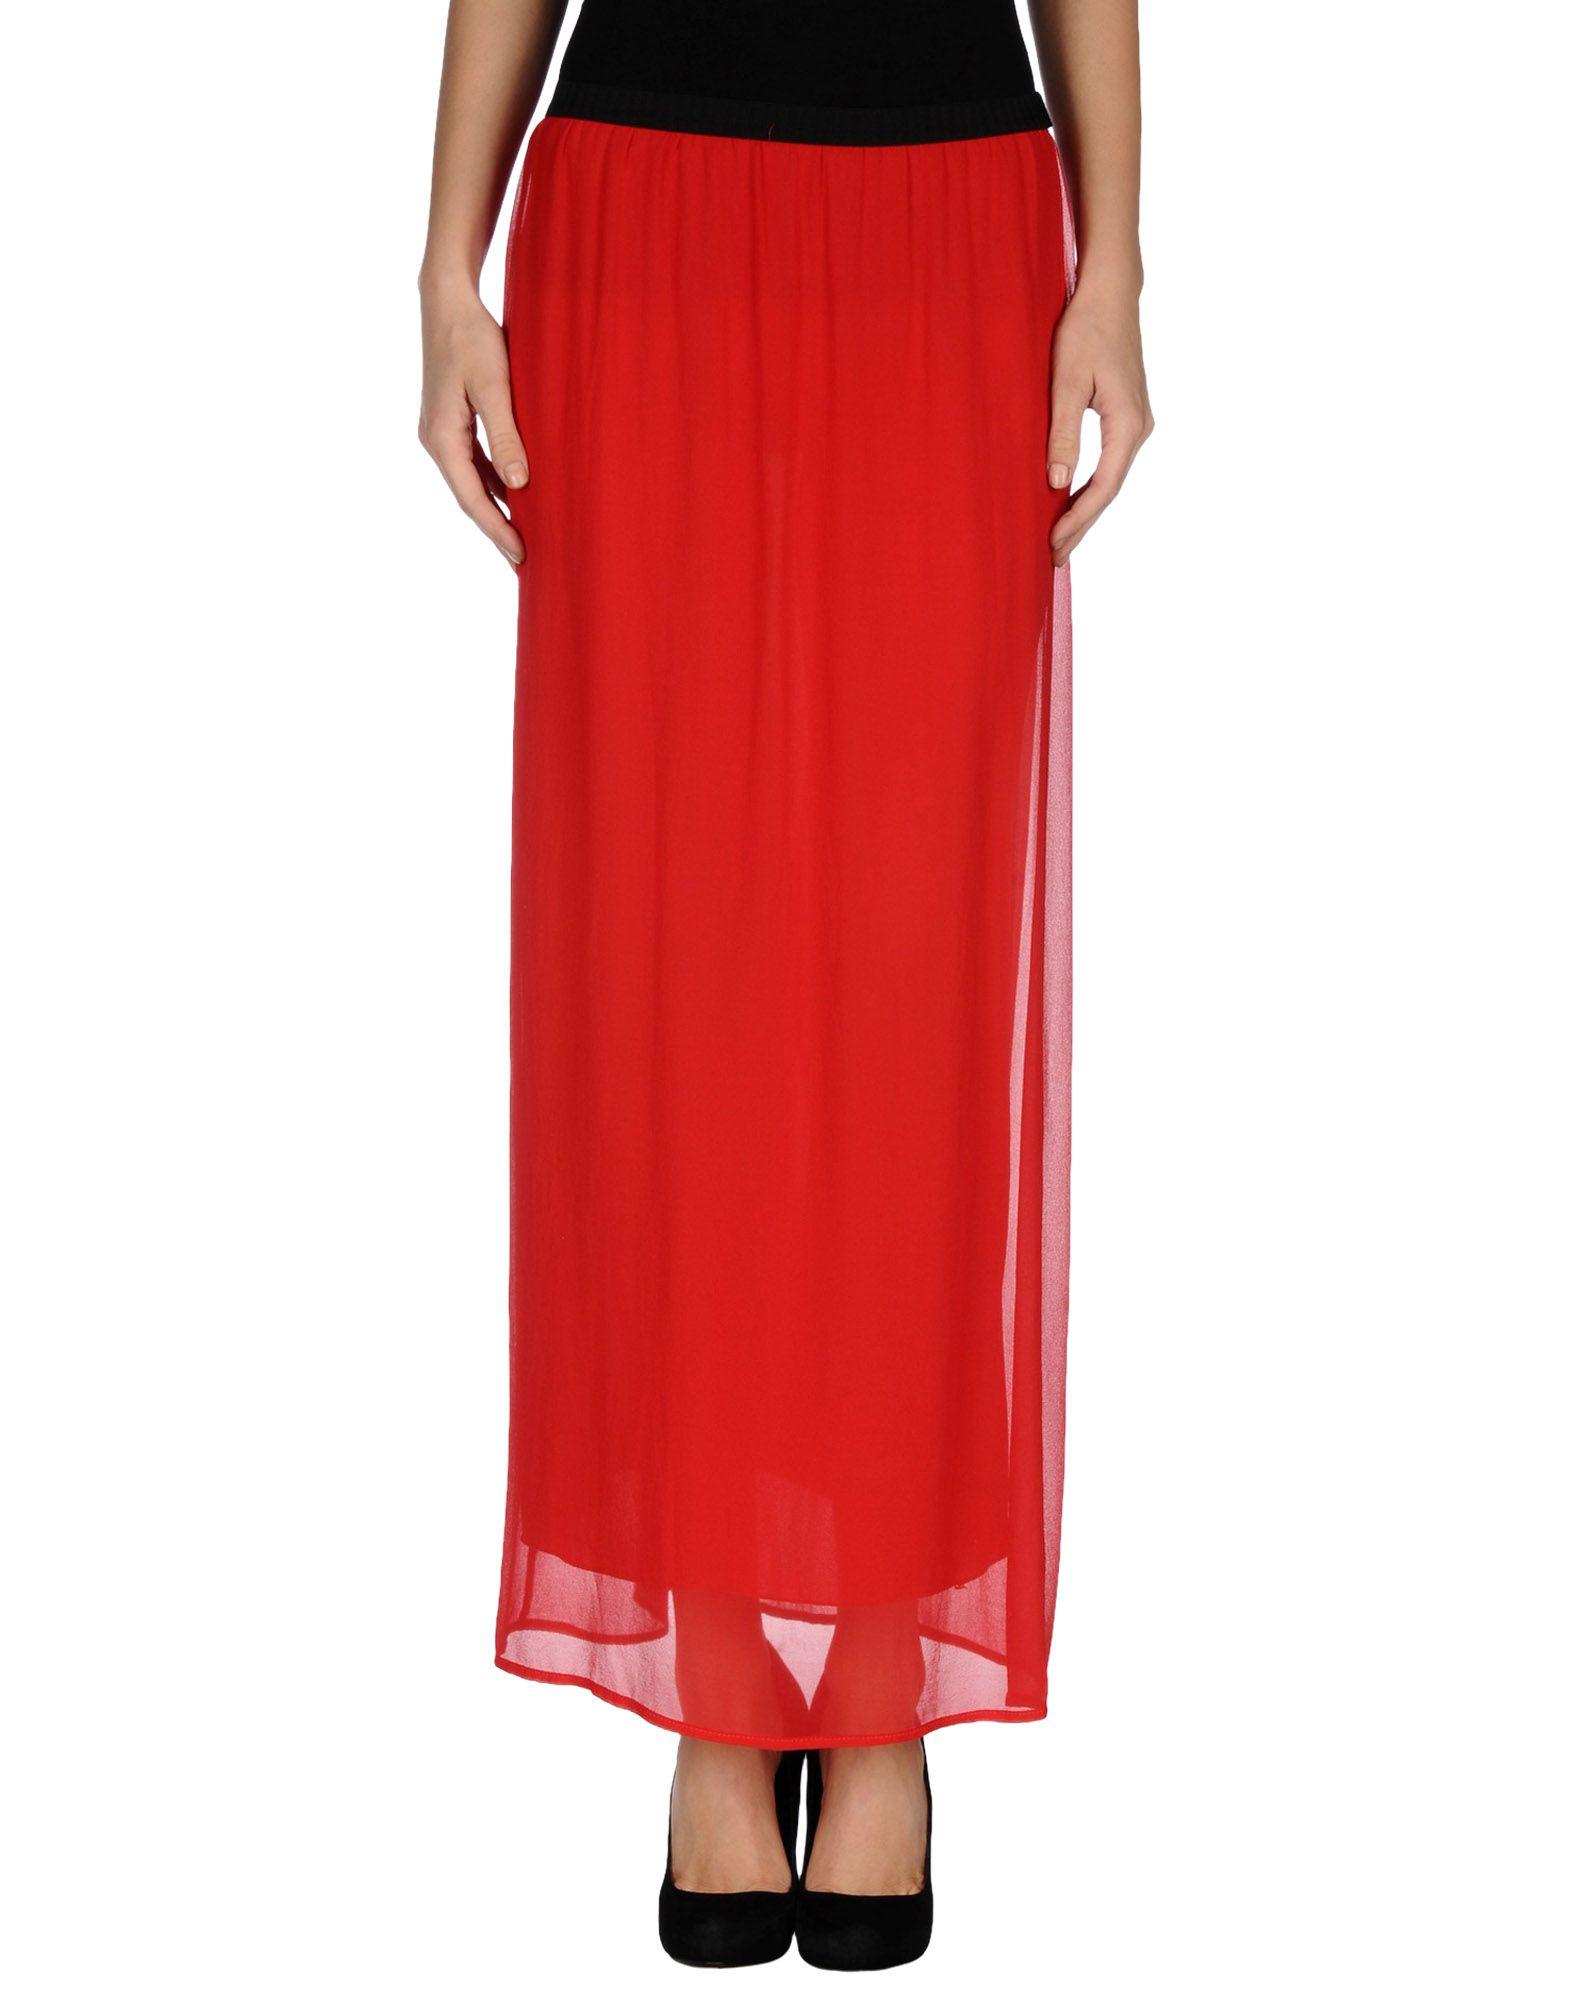 Soallure Long Skirt in Red | Lyst